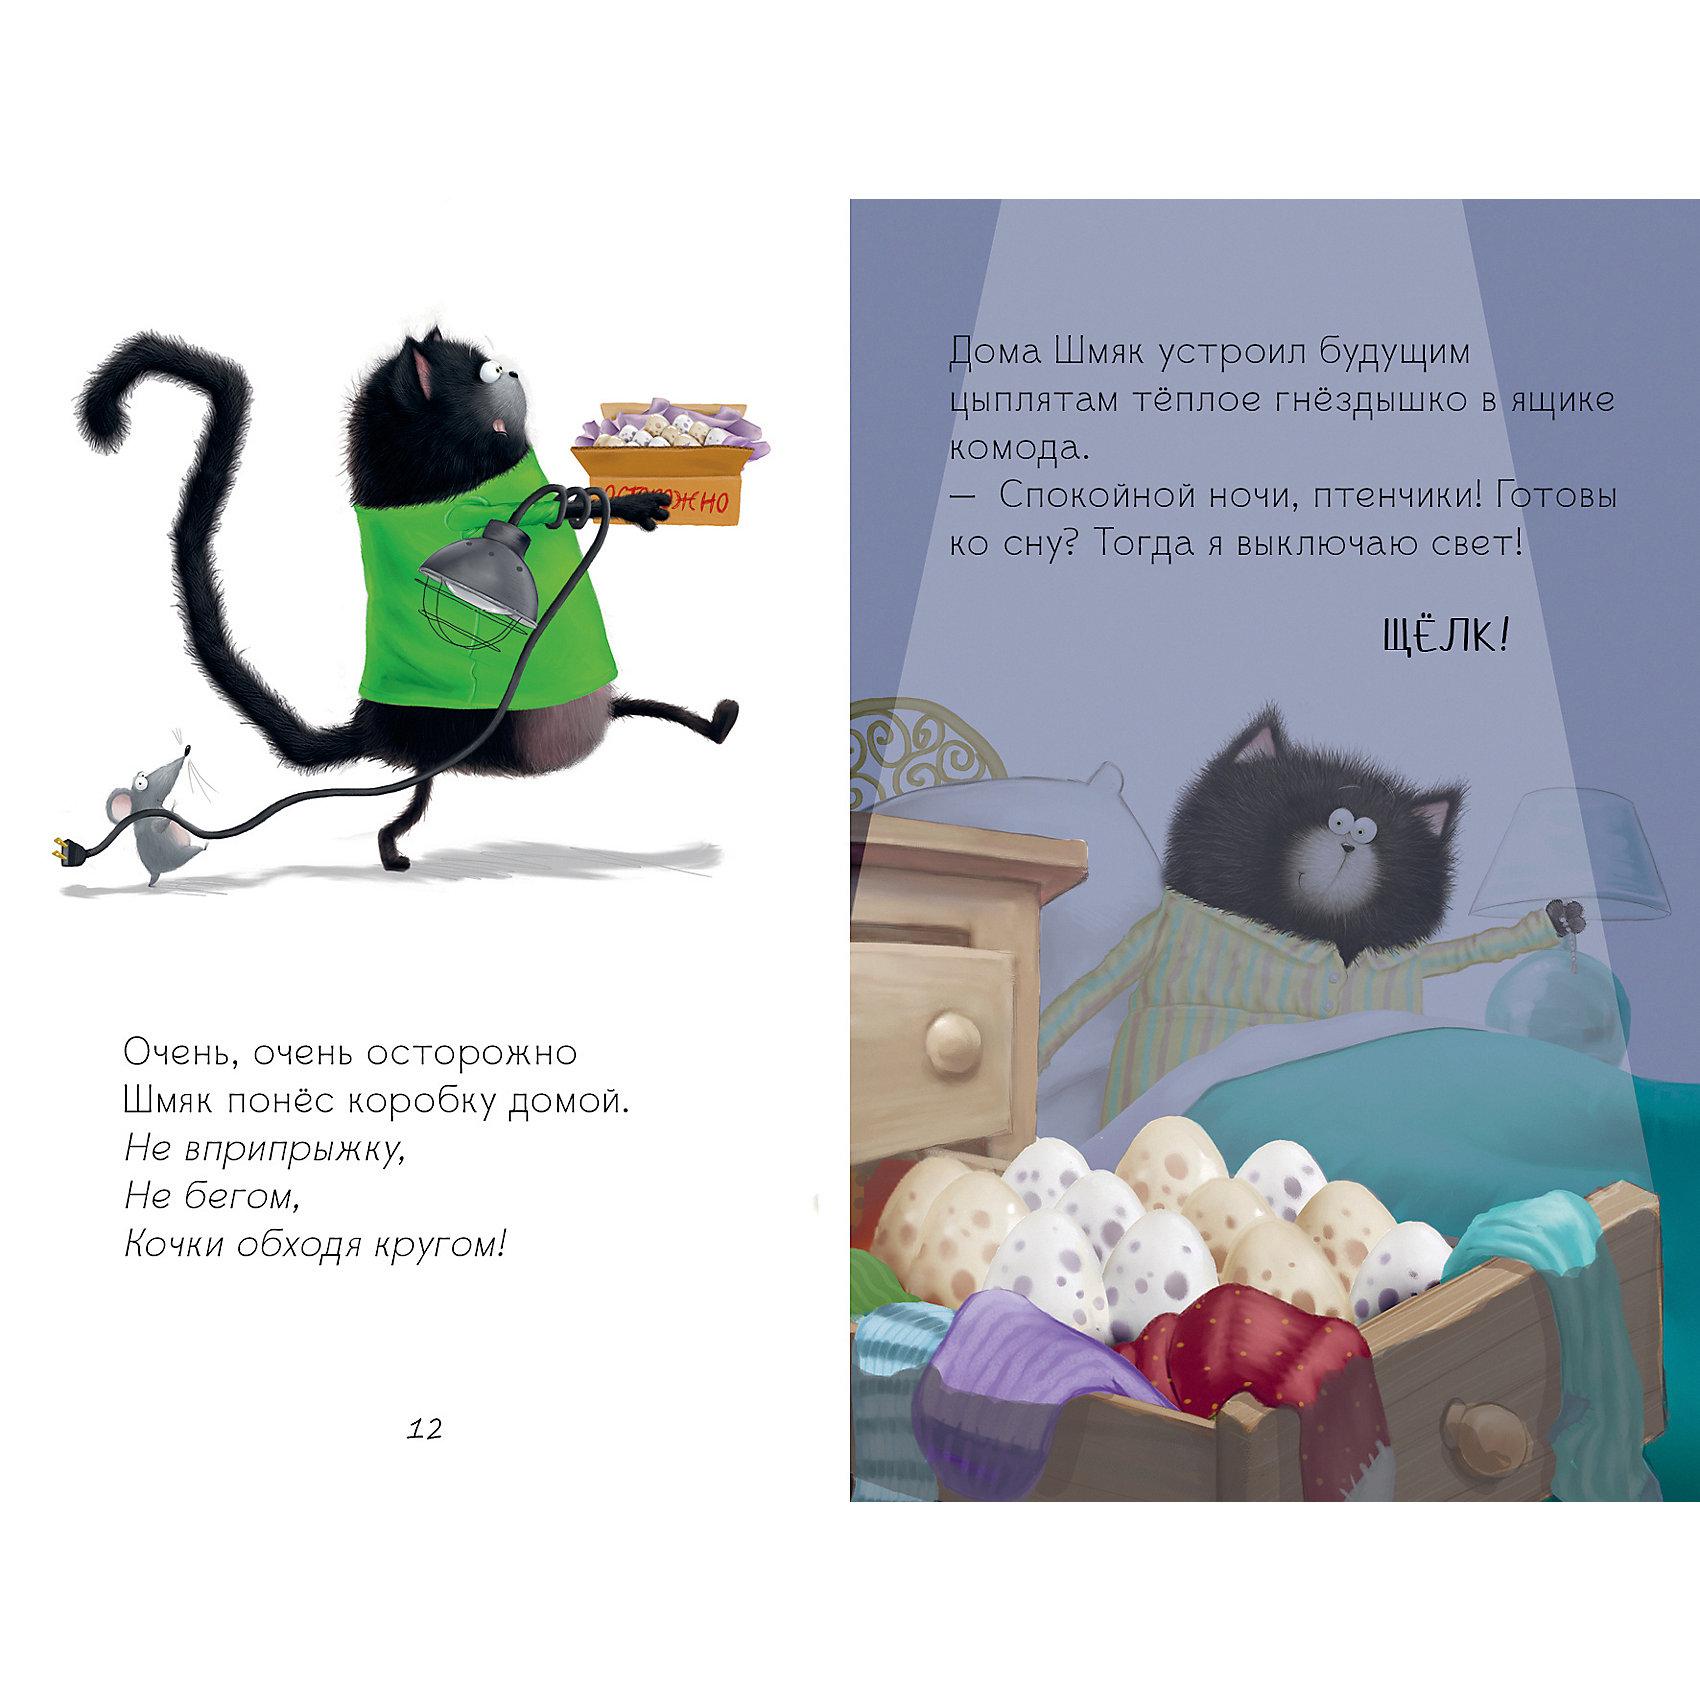 """Сказки """"Котенок Шмяк и шустрые цыплята"""", Р. Скоттон от myToys"""